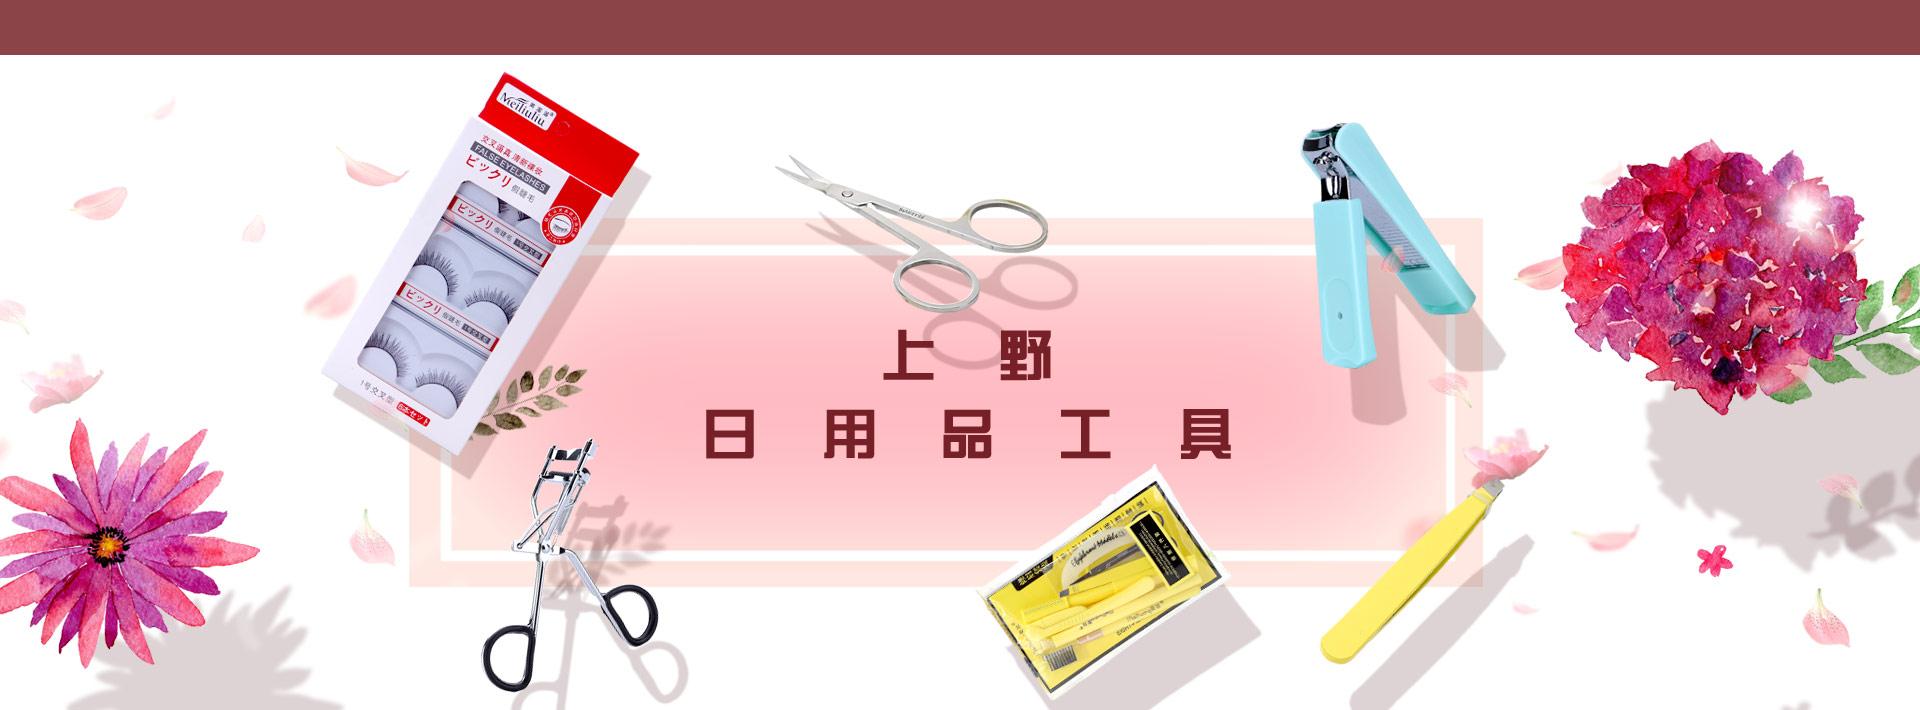 眼部美妆工具